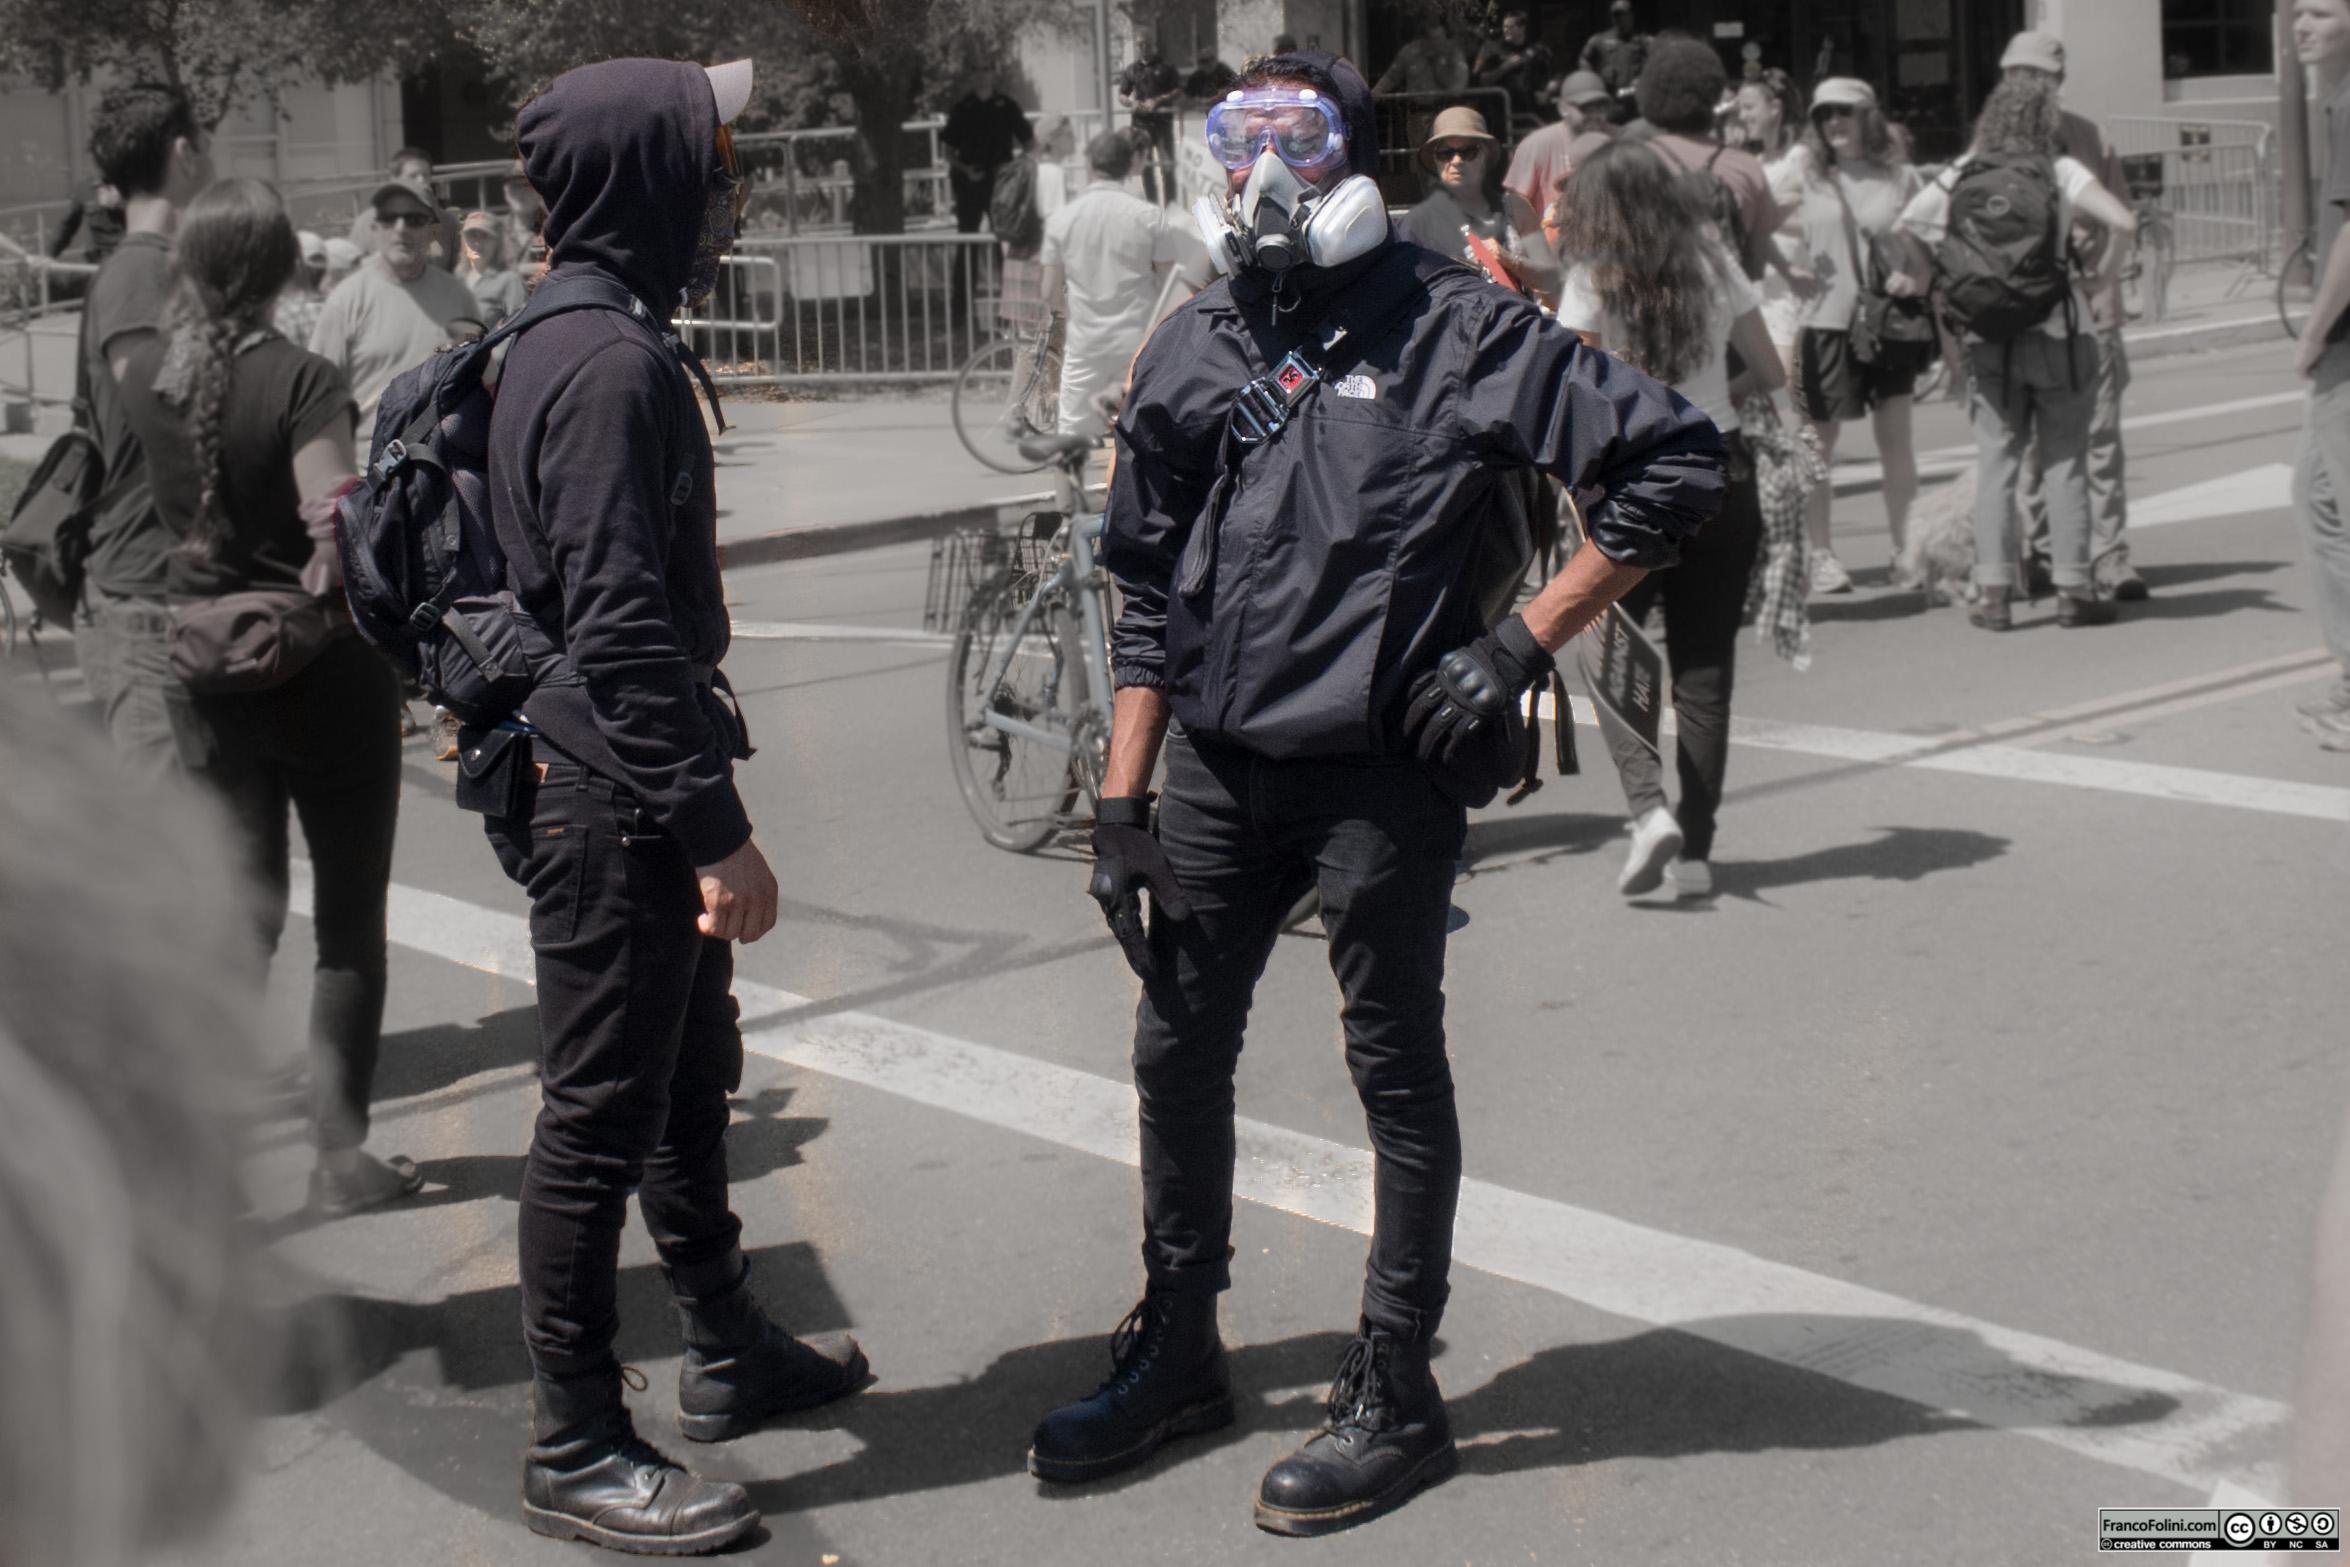 Agitatiori Blacblock e Antifa in tenuta da sommossa